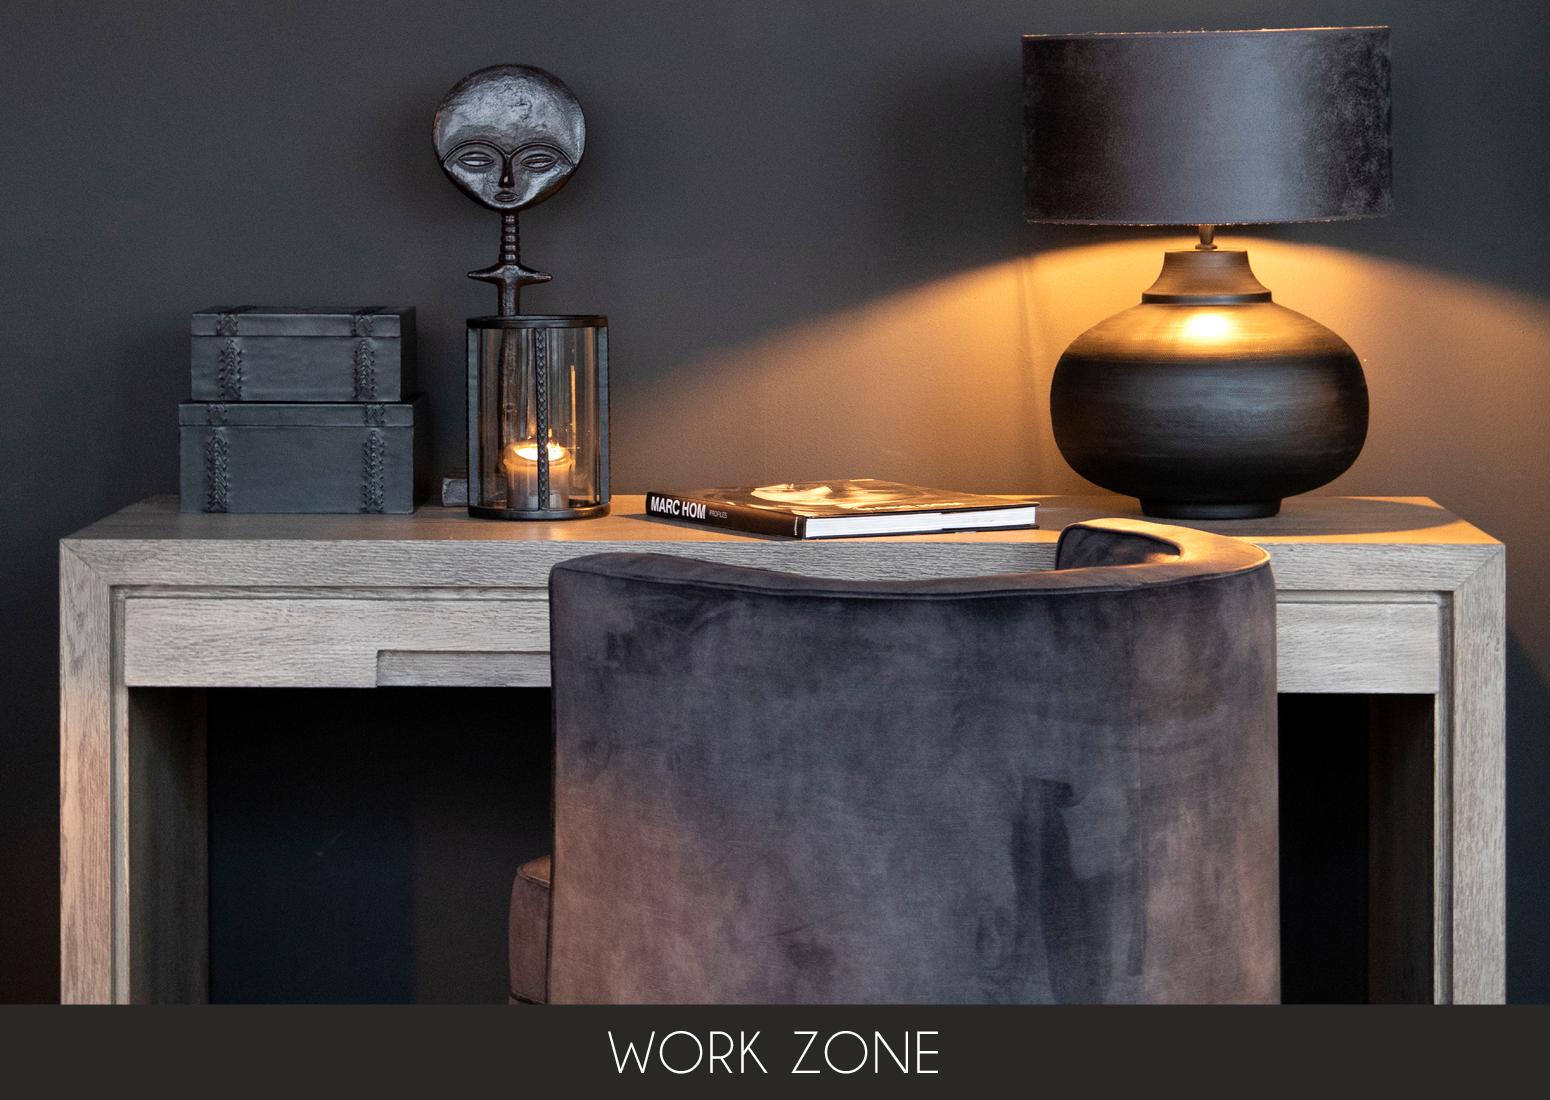 Workzone